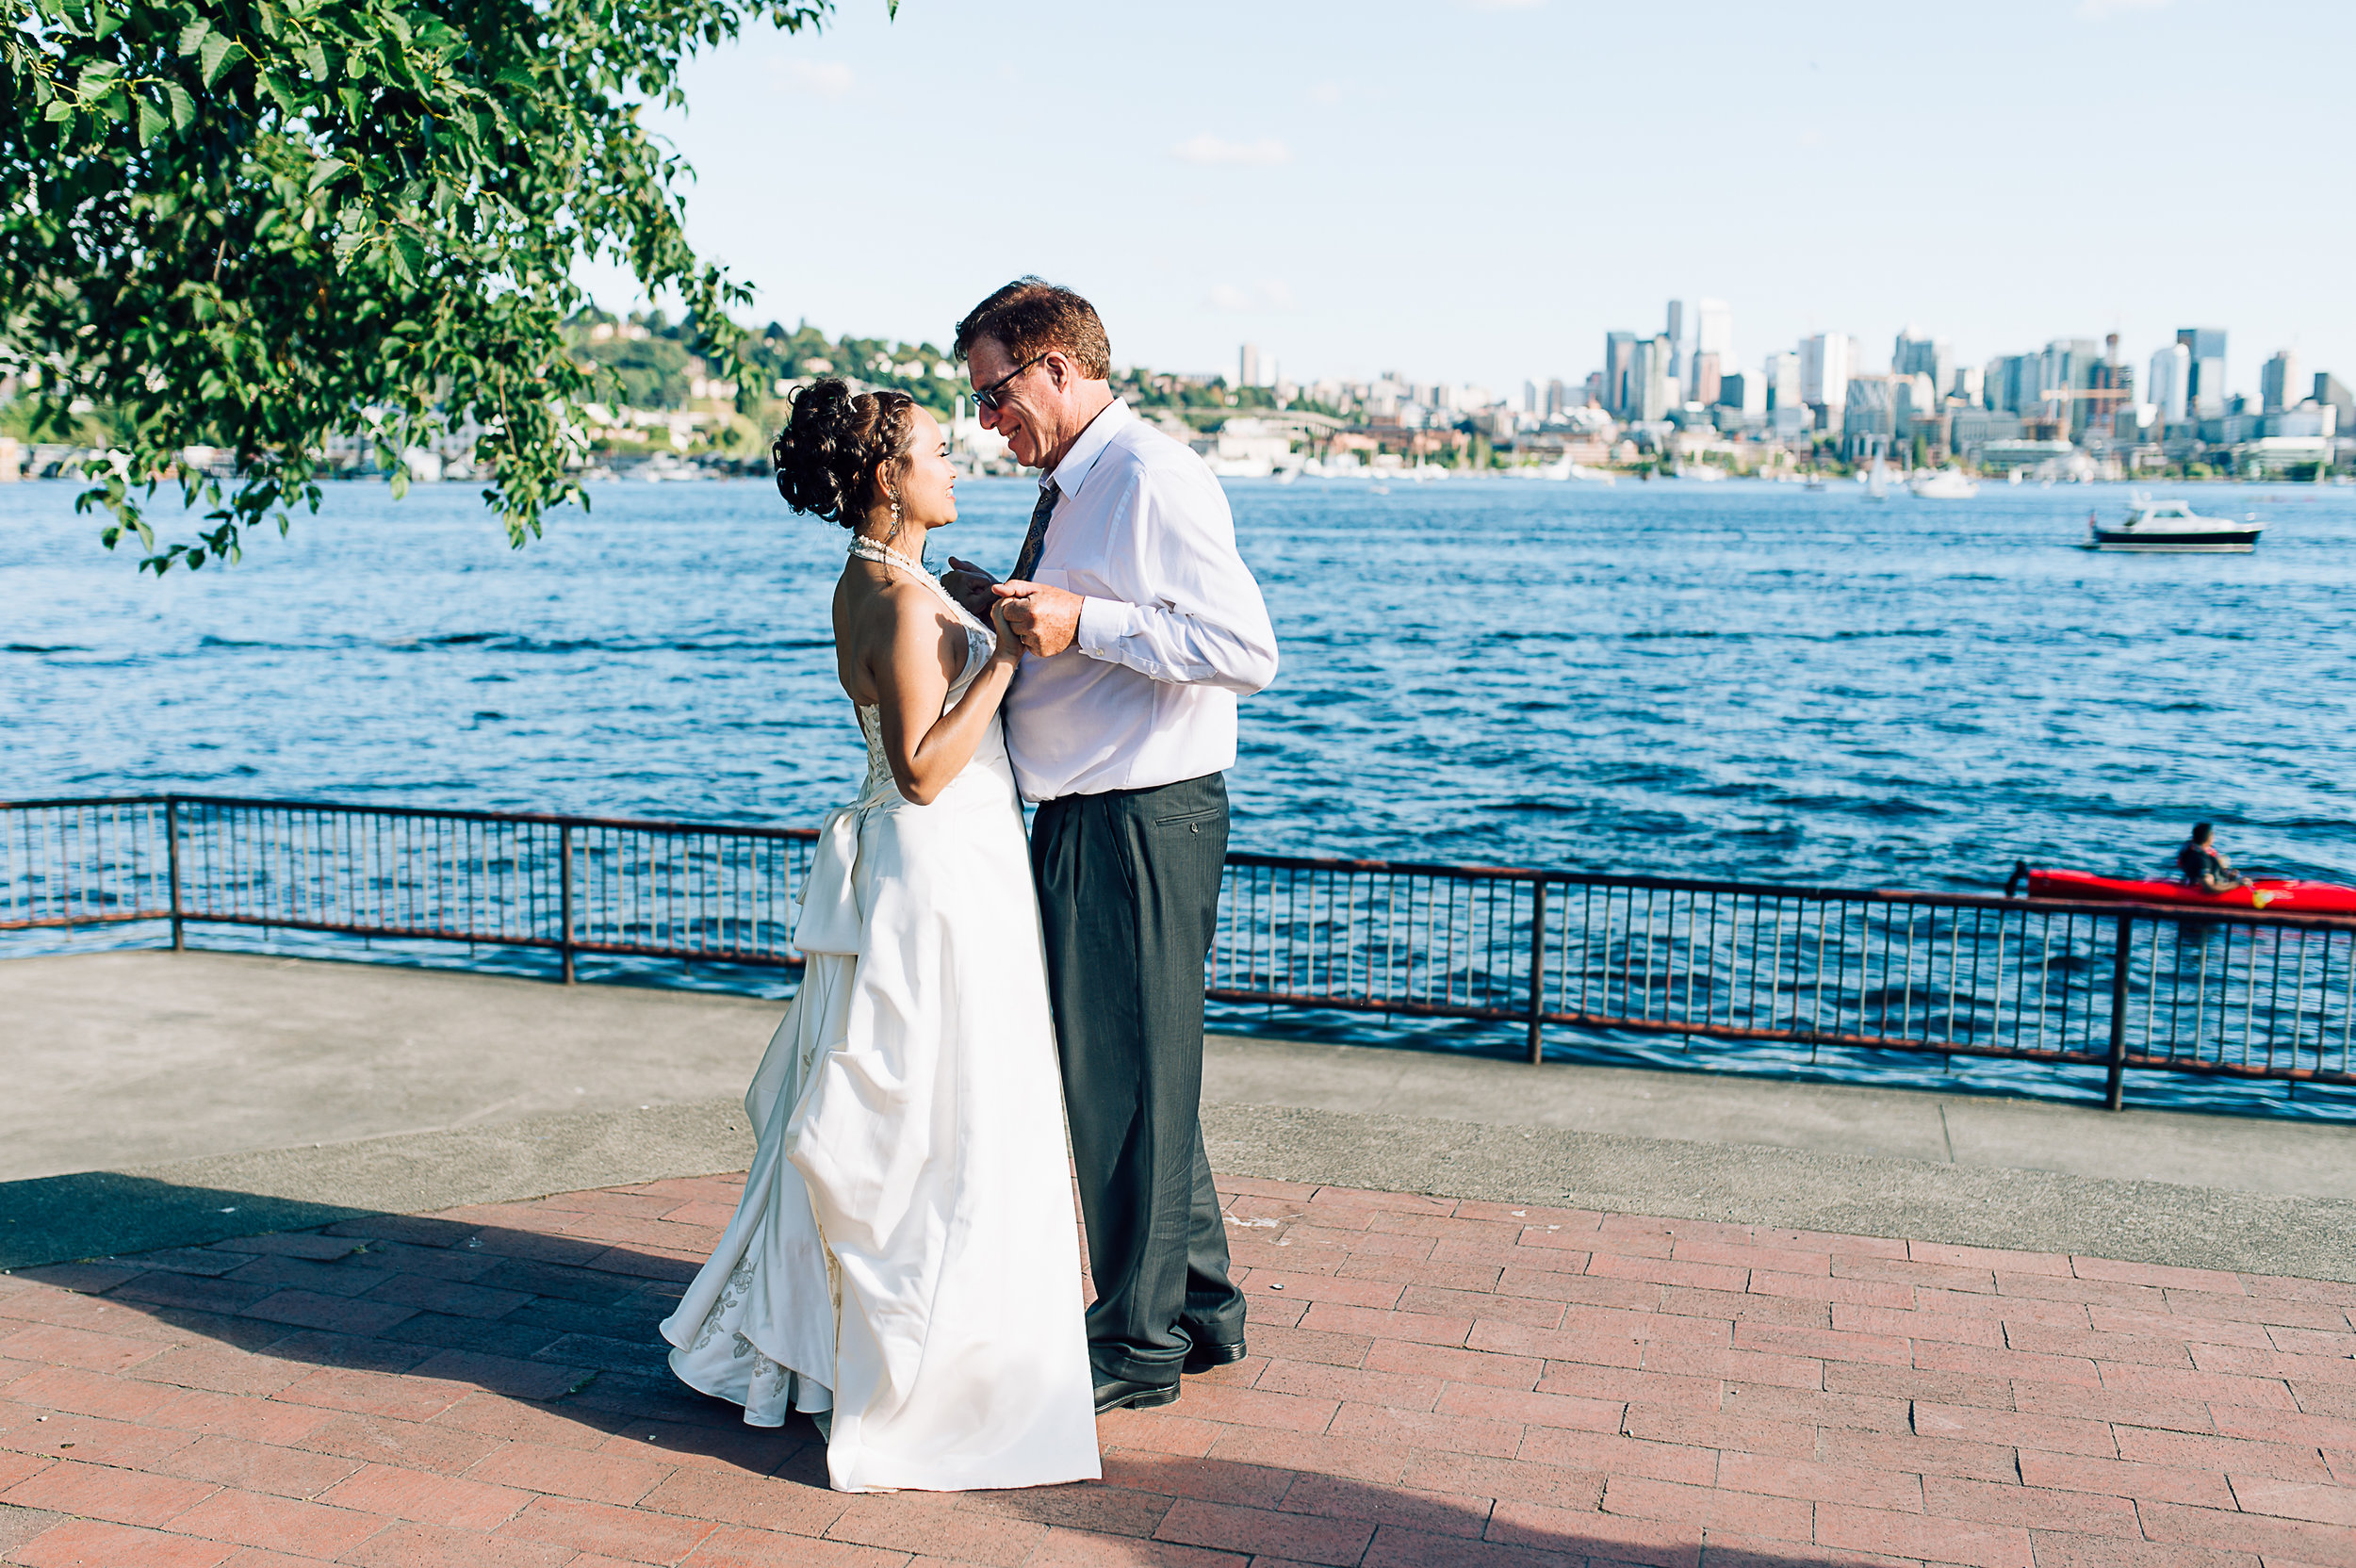 destinationwedding_Seattle_virginiaphotographer_youseephotography_LidiaOtto (465).jpg